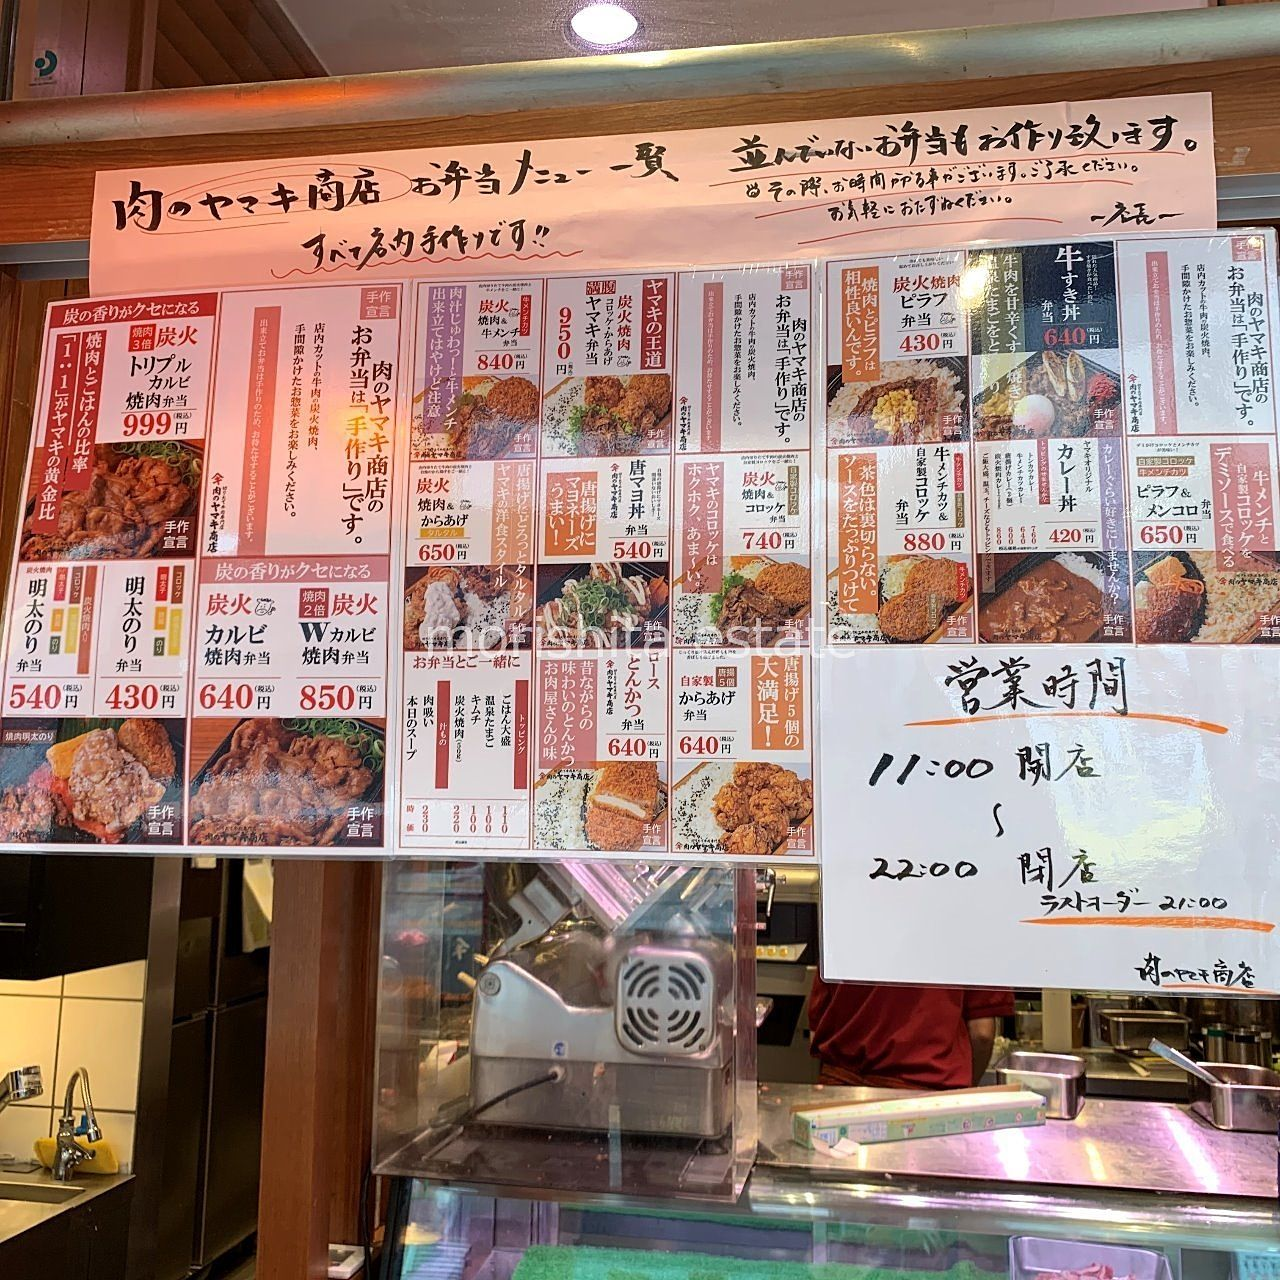 両国 牛肉専門店 焼肉 カルビ お弁当 メニュー 写真